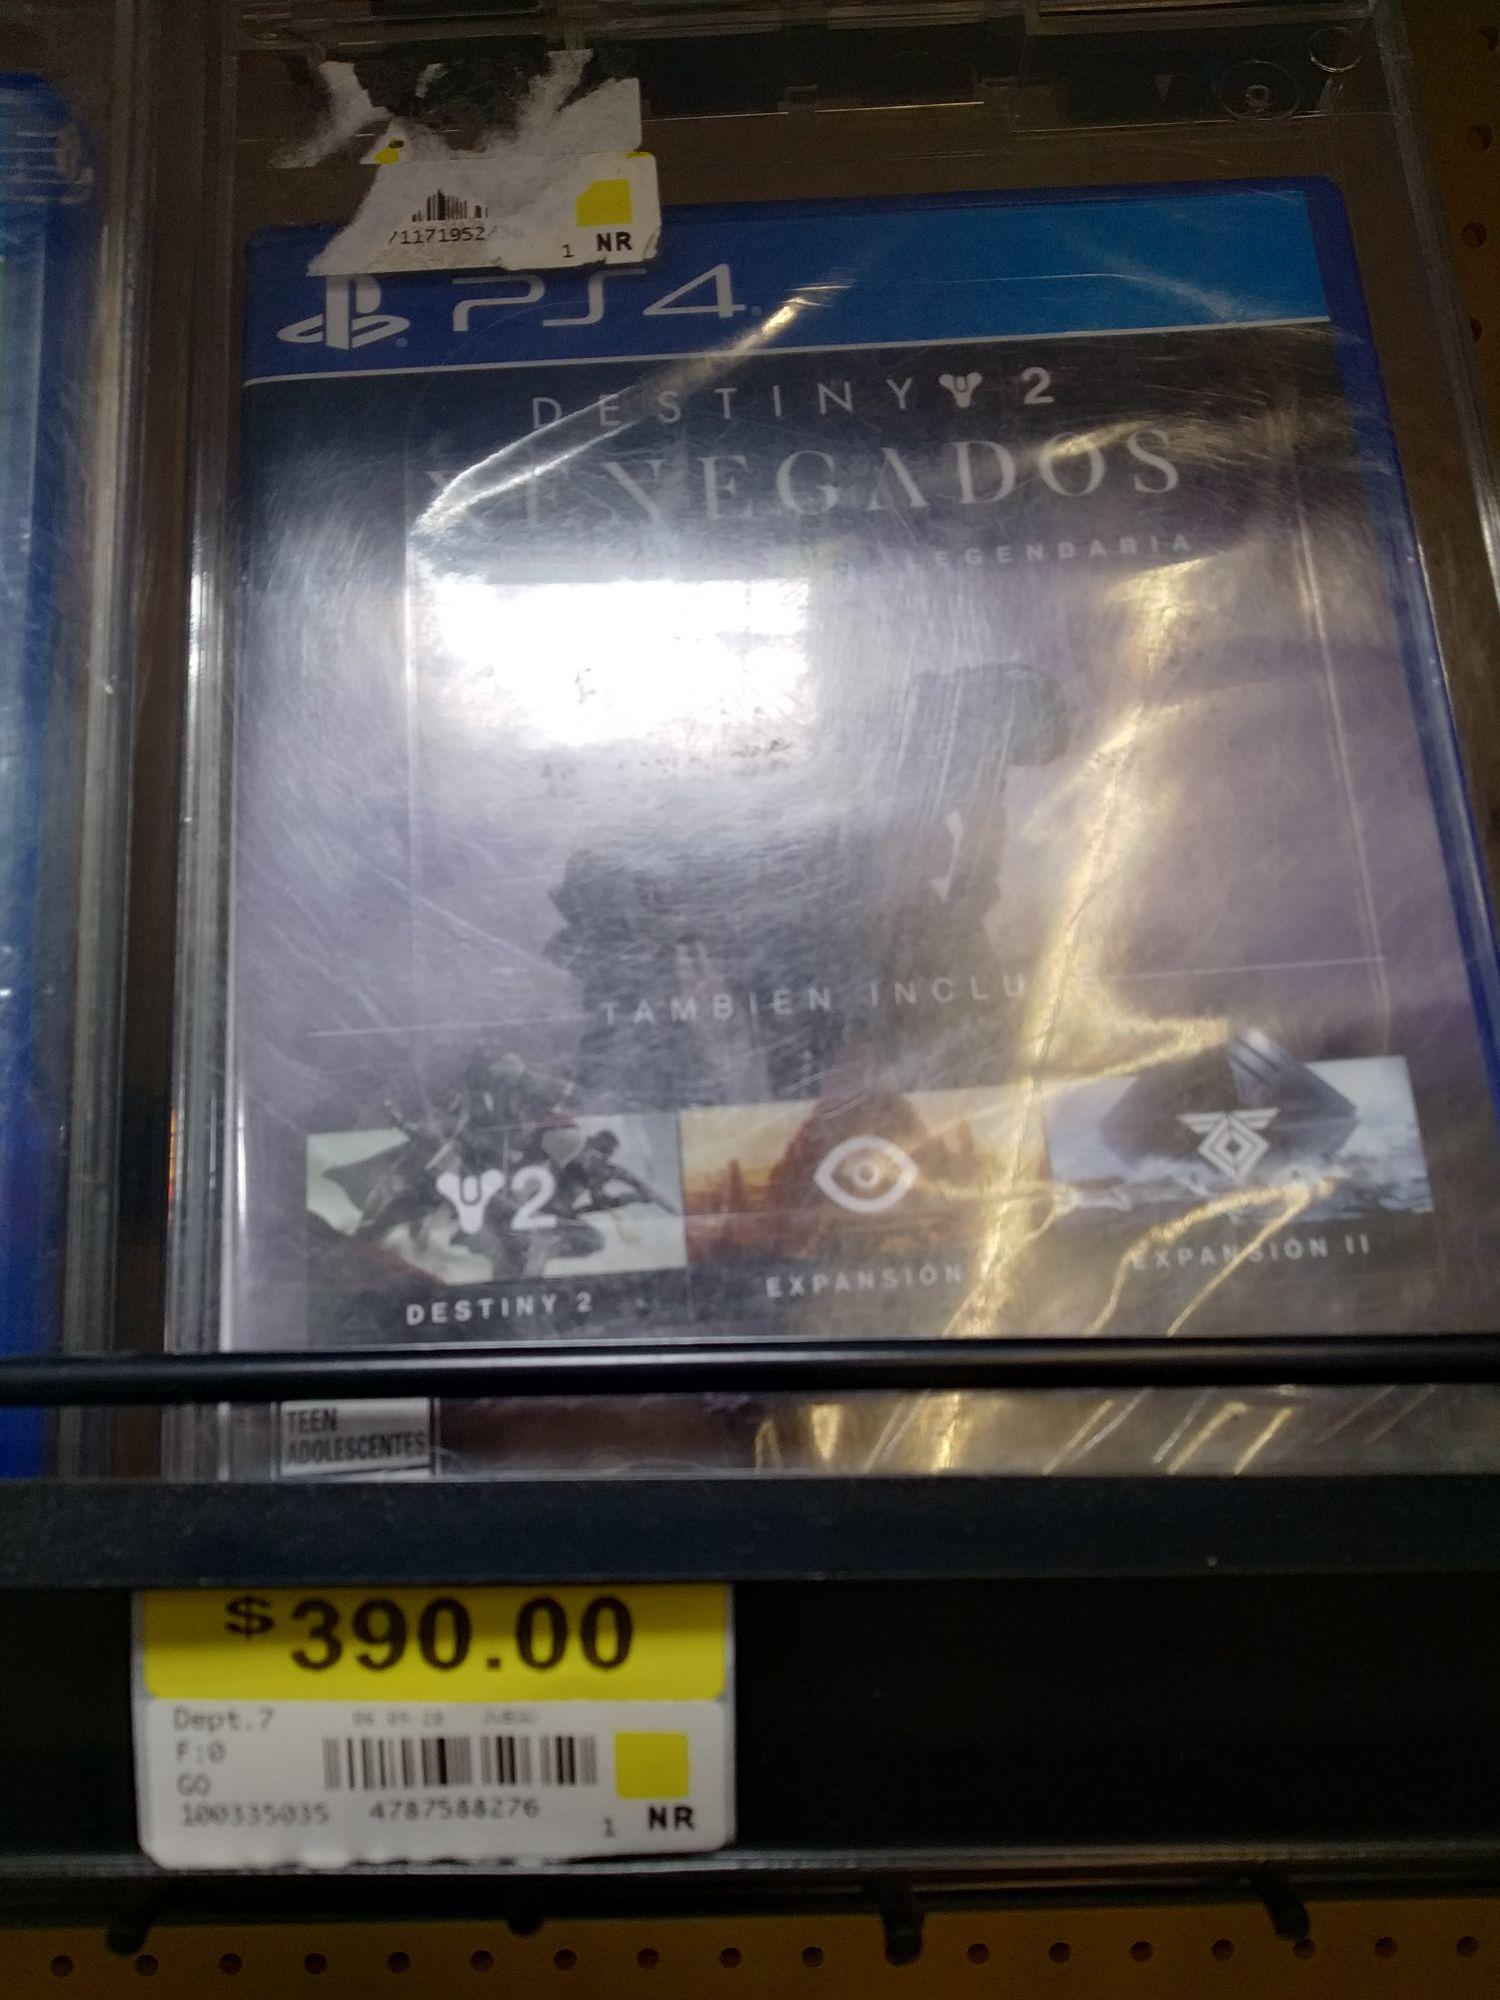 Walmart: Destiny 2 Renegados Colección Legendaria para PS4